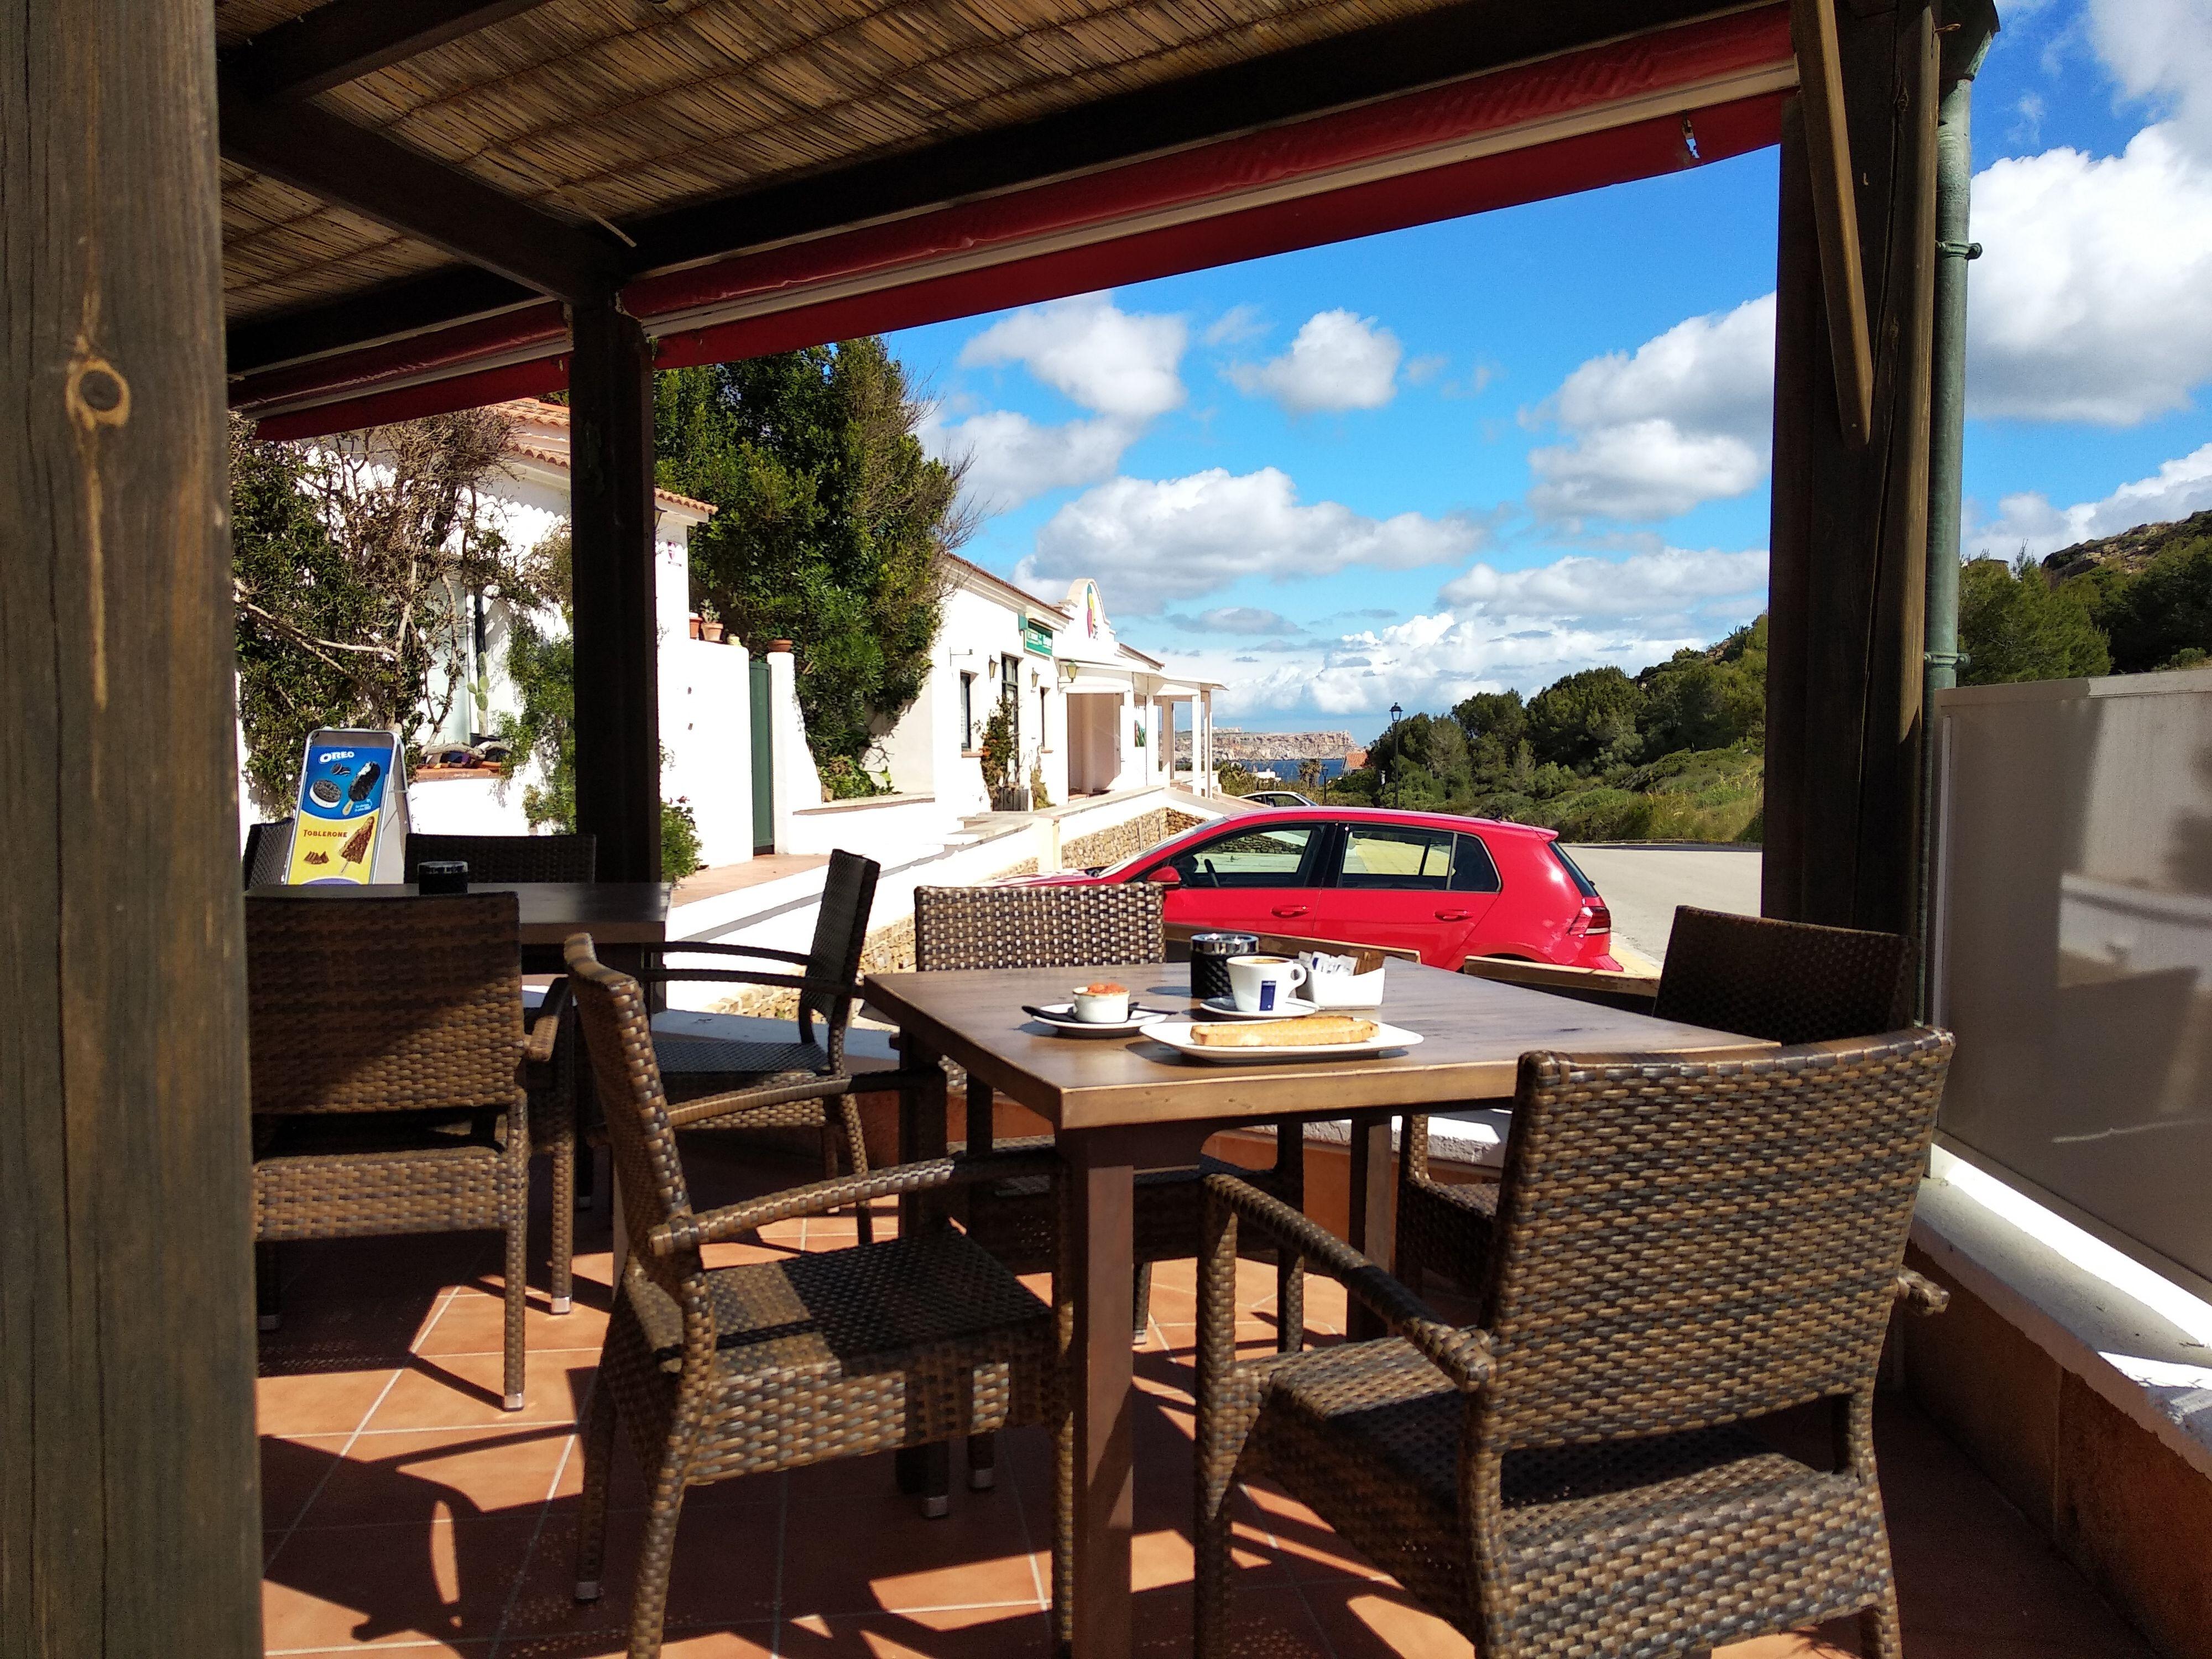 Foto 15 de Cocina mediterránea en Es Mercadal | Restaurant Es Cactus